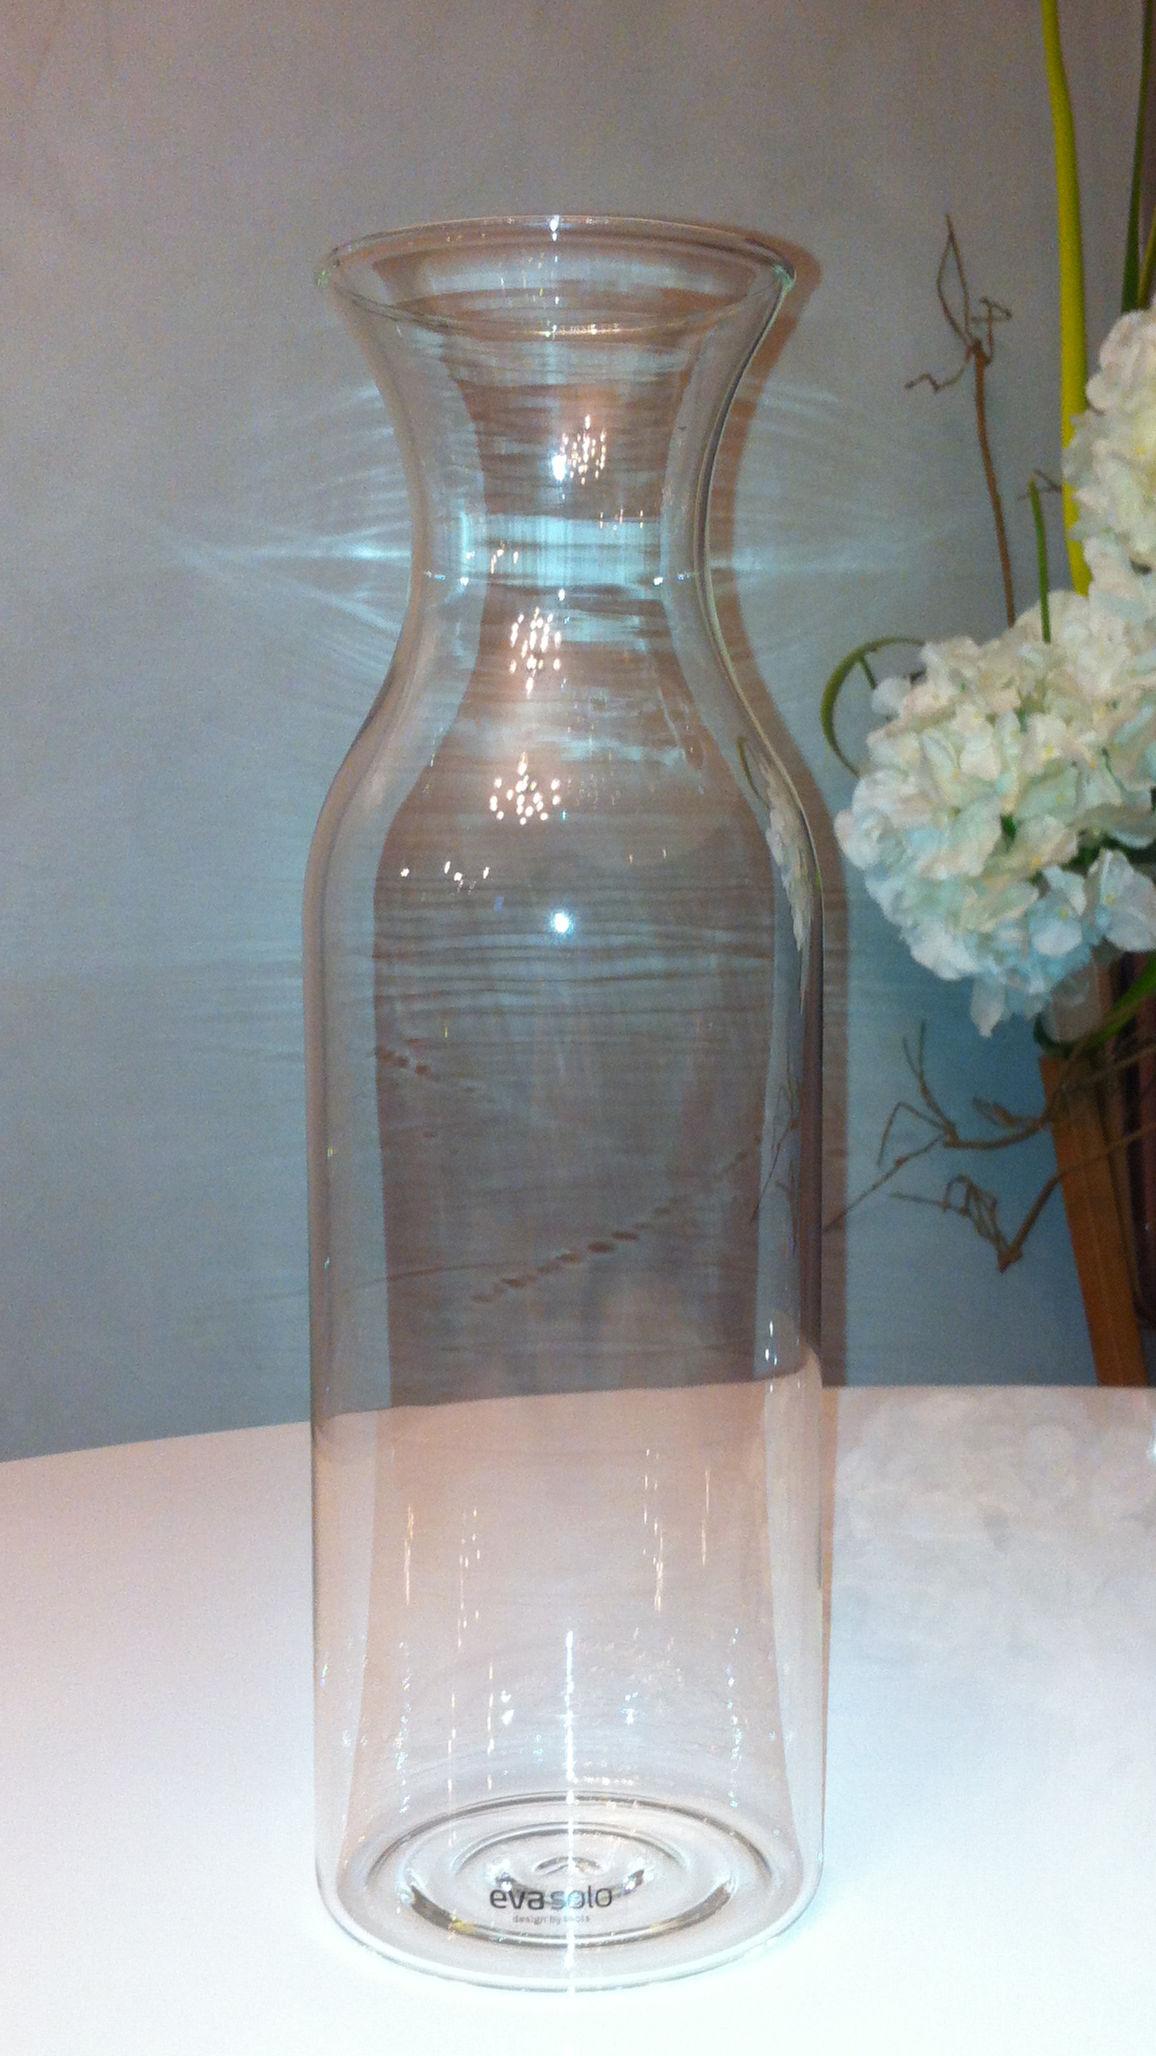 Arts de la table - Carafes et décanteurs - Verrerie de rechange pour Carafe Eva Solo 1,4L - Eva Solo - Verrerie de rechange - Transparent - Verre